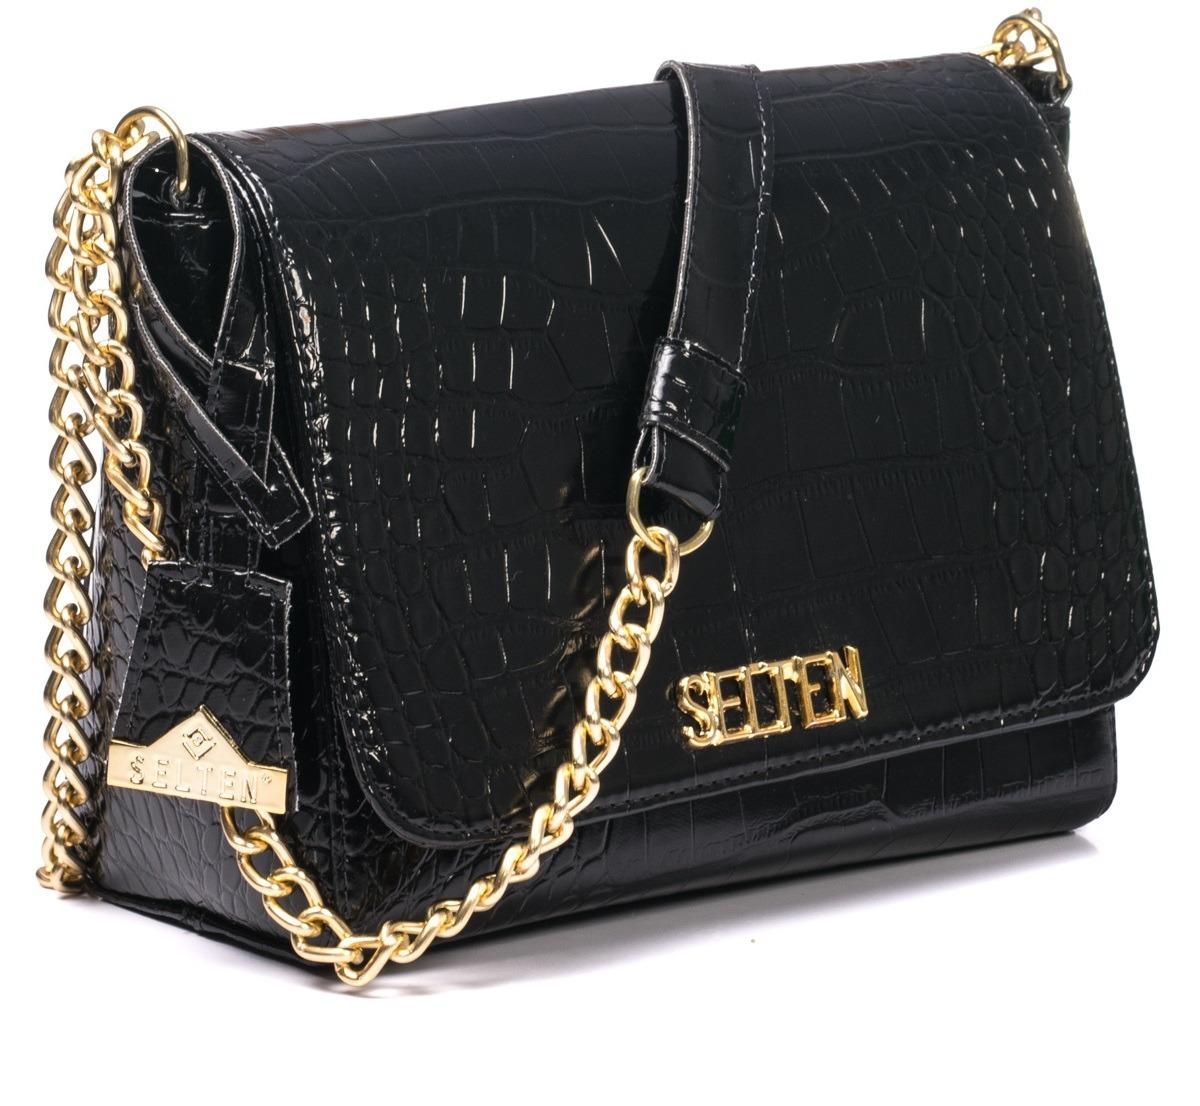 7e69fdfc0 bolsa feminina corrente dourada preta ombro verniz couro. Carregando zoom.